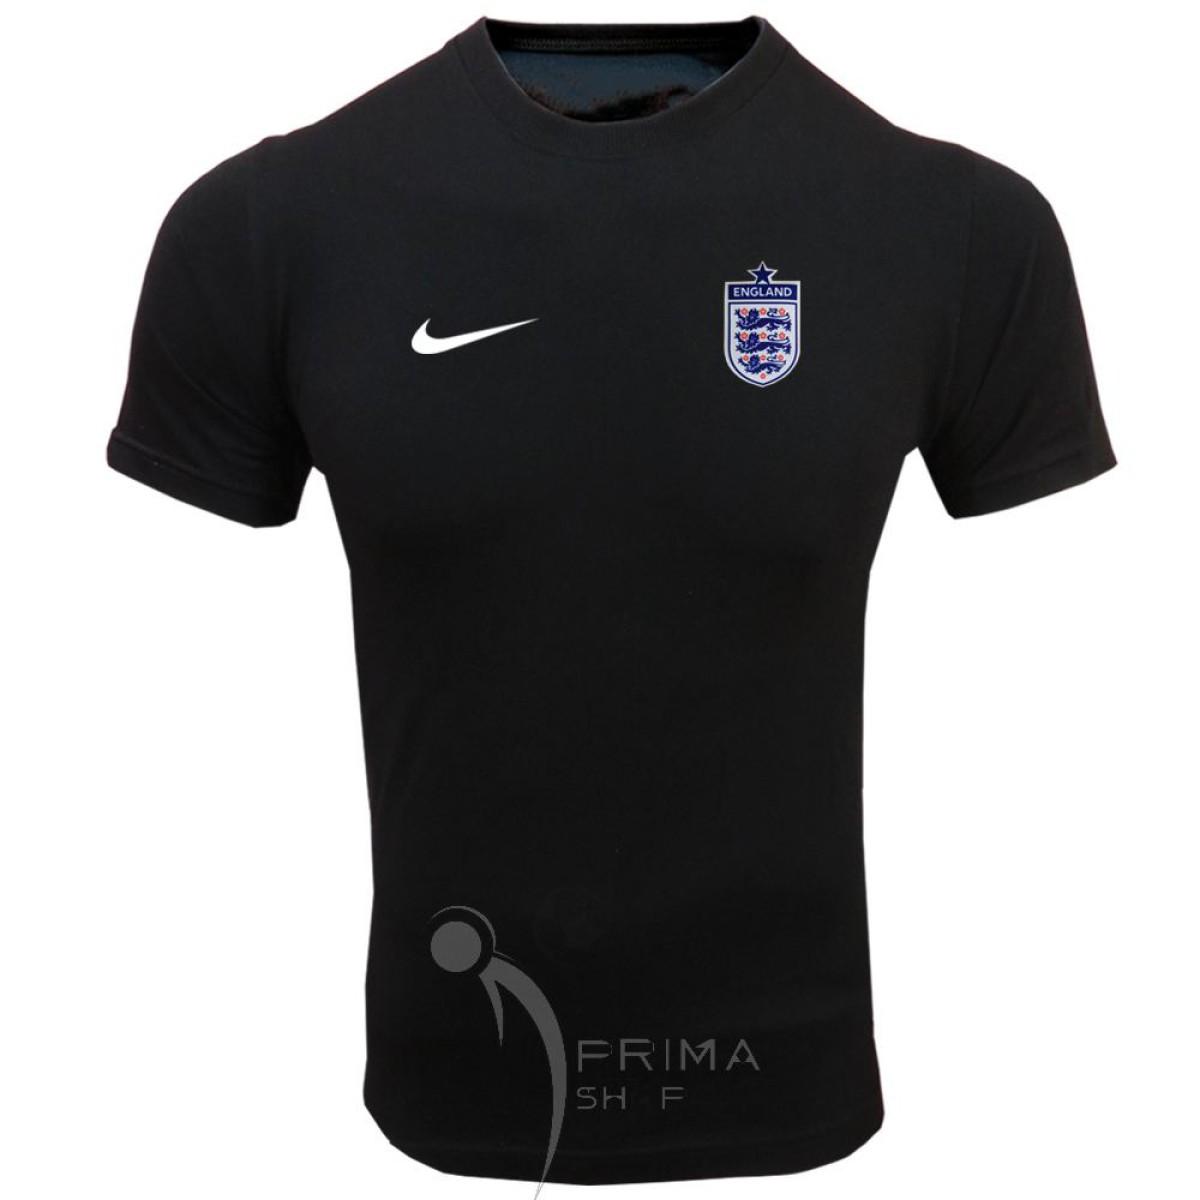 لباس هواداری انگلستان مشکی | تیشرت آستین کوتاه